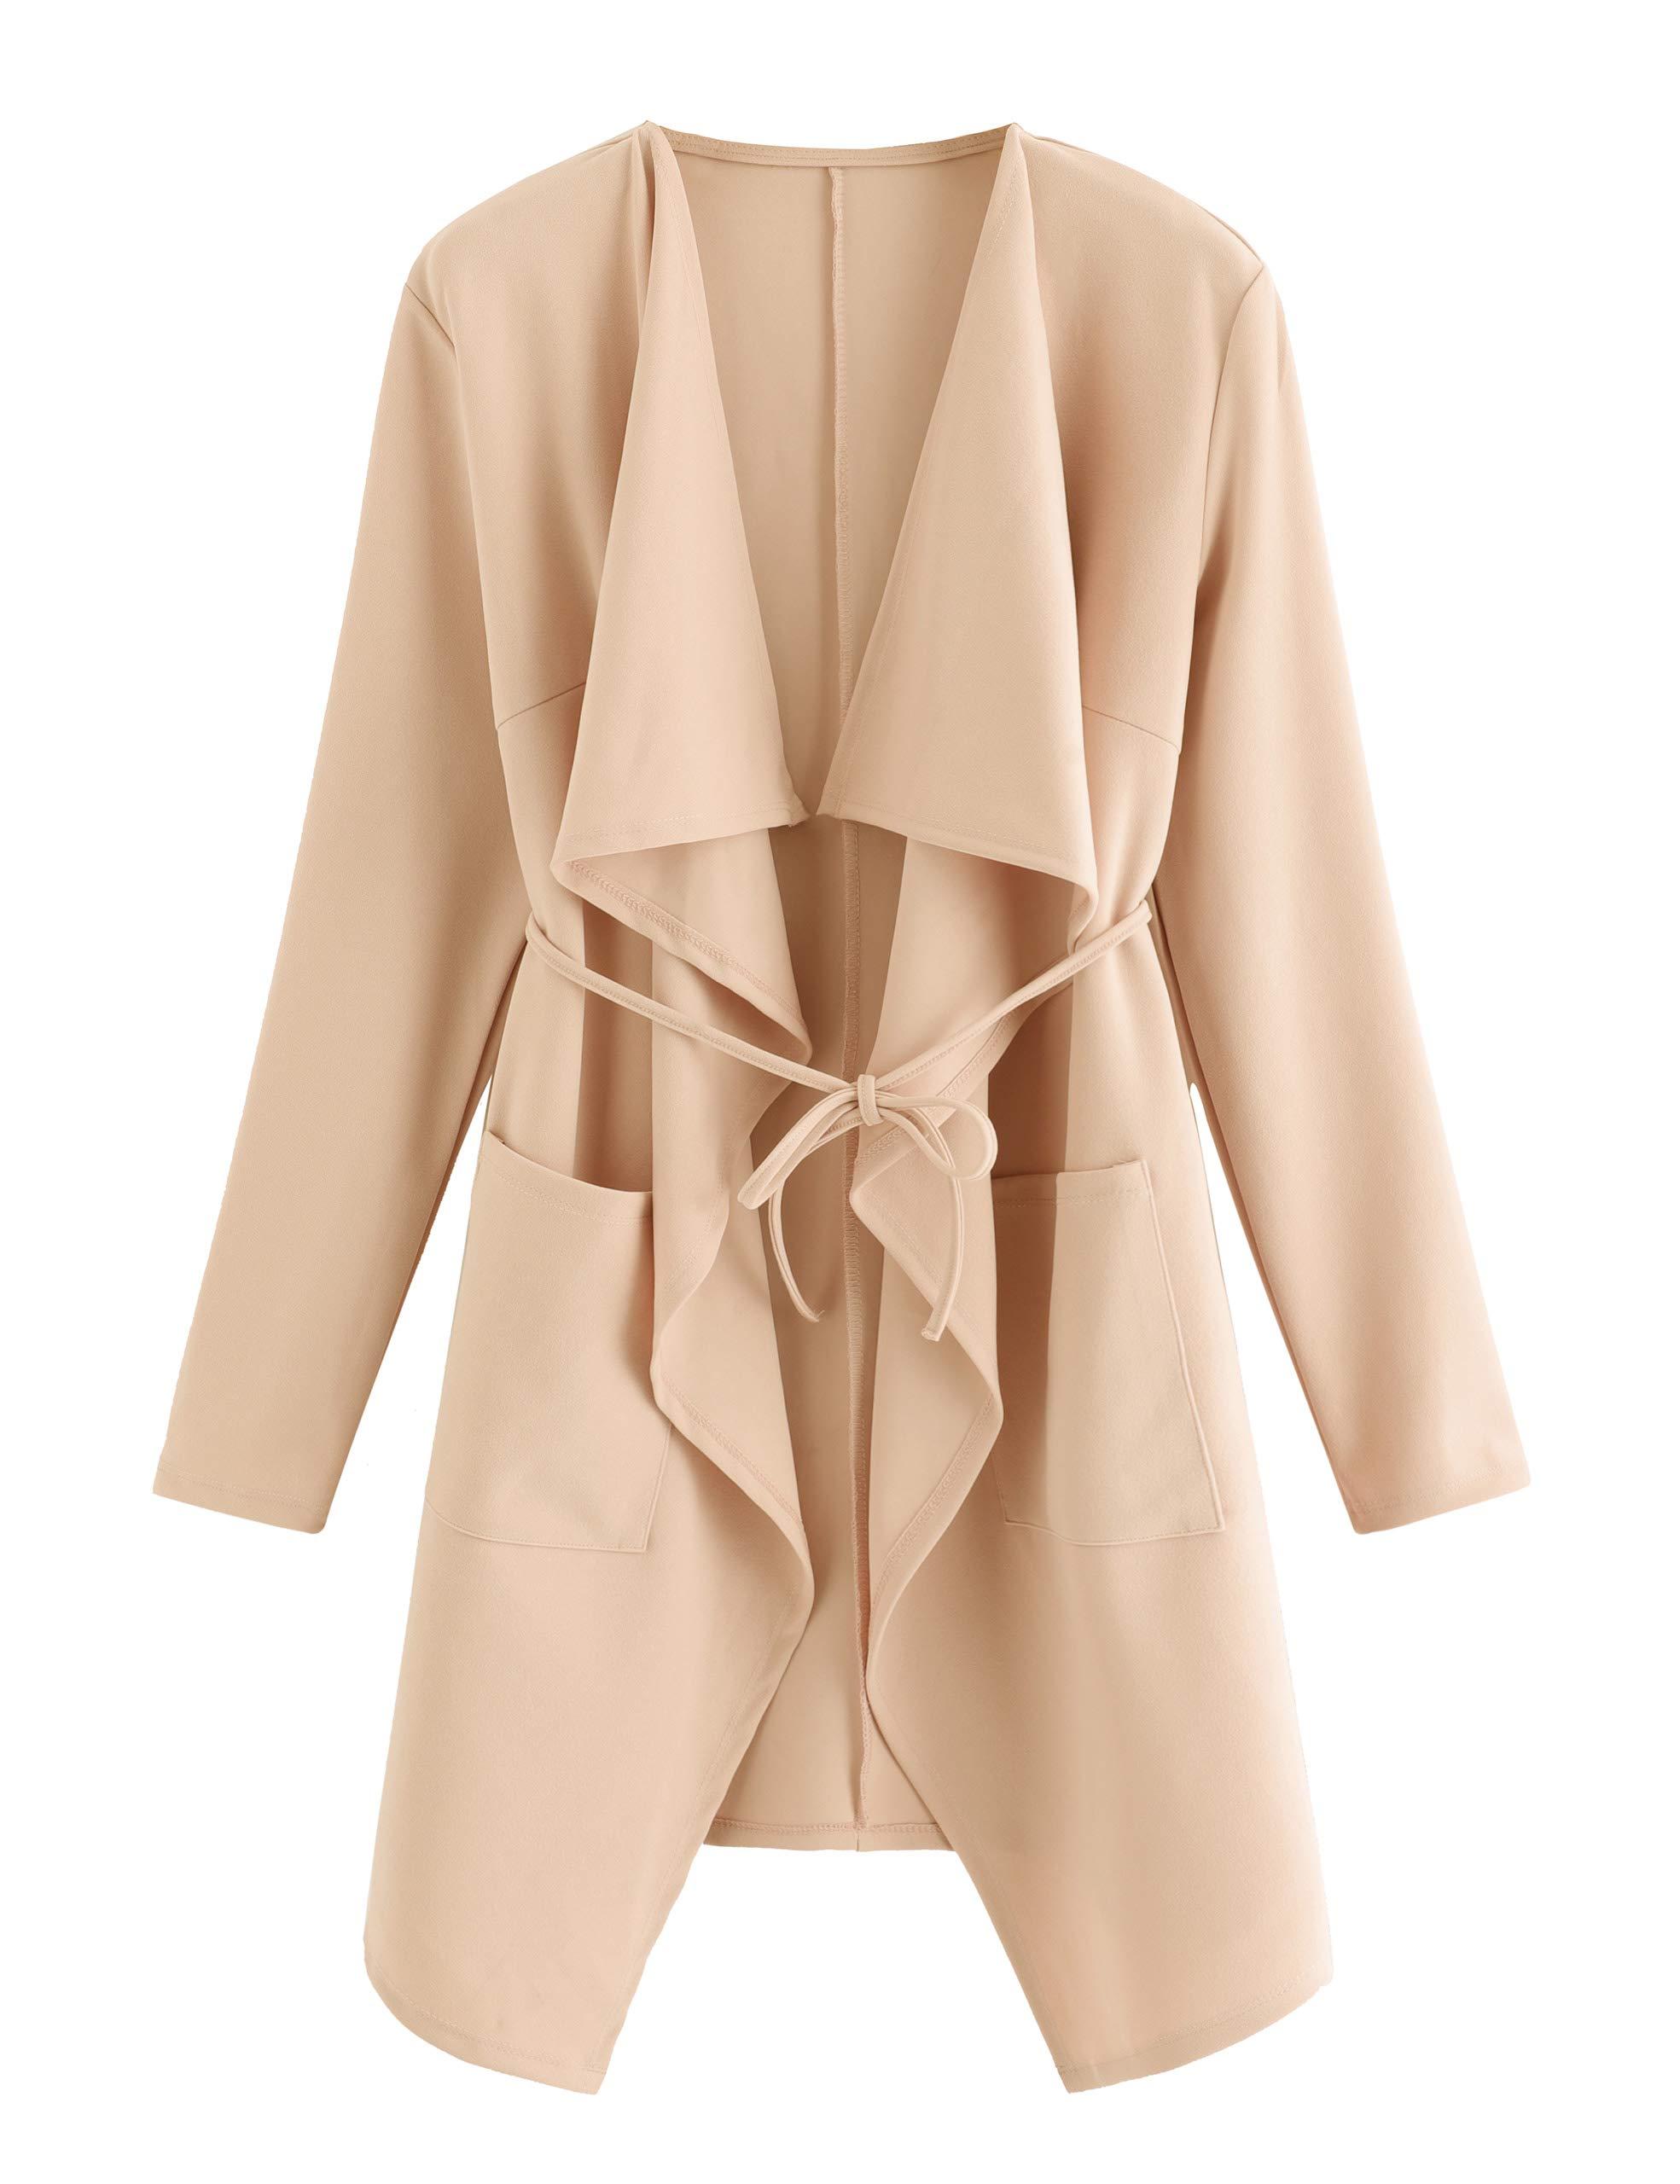 ROMWE Women's Waterfall Collar Long Sleeve Wrap Trench Coat Duster Cardigan Jacket Peach M by ROMWE